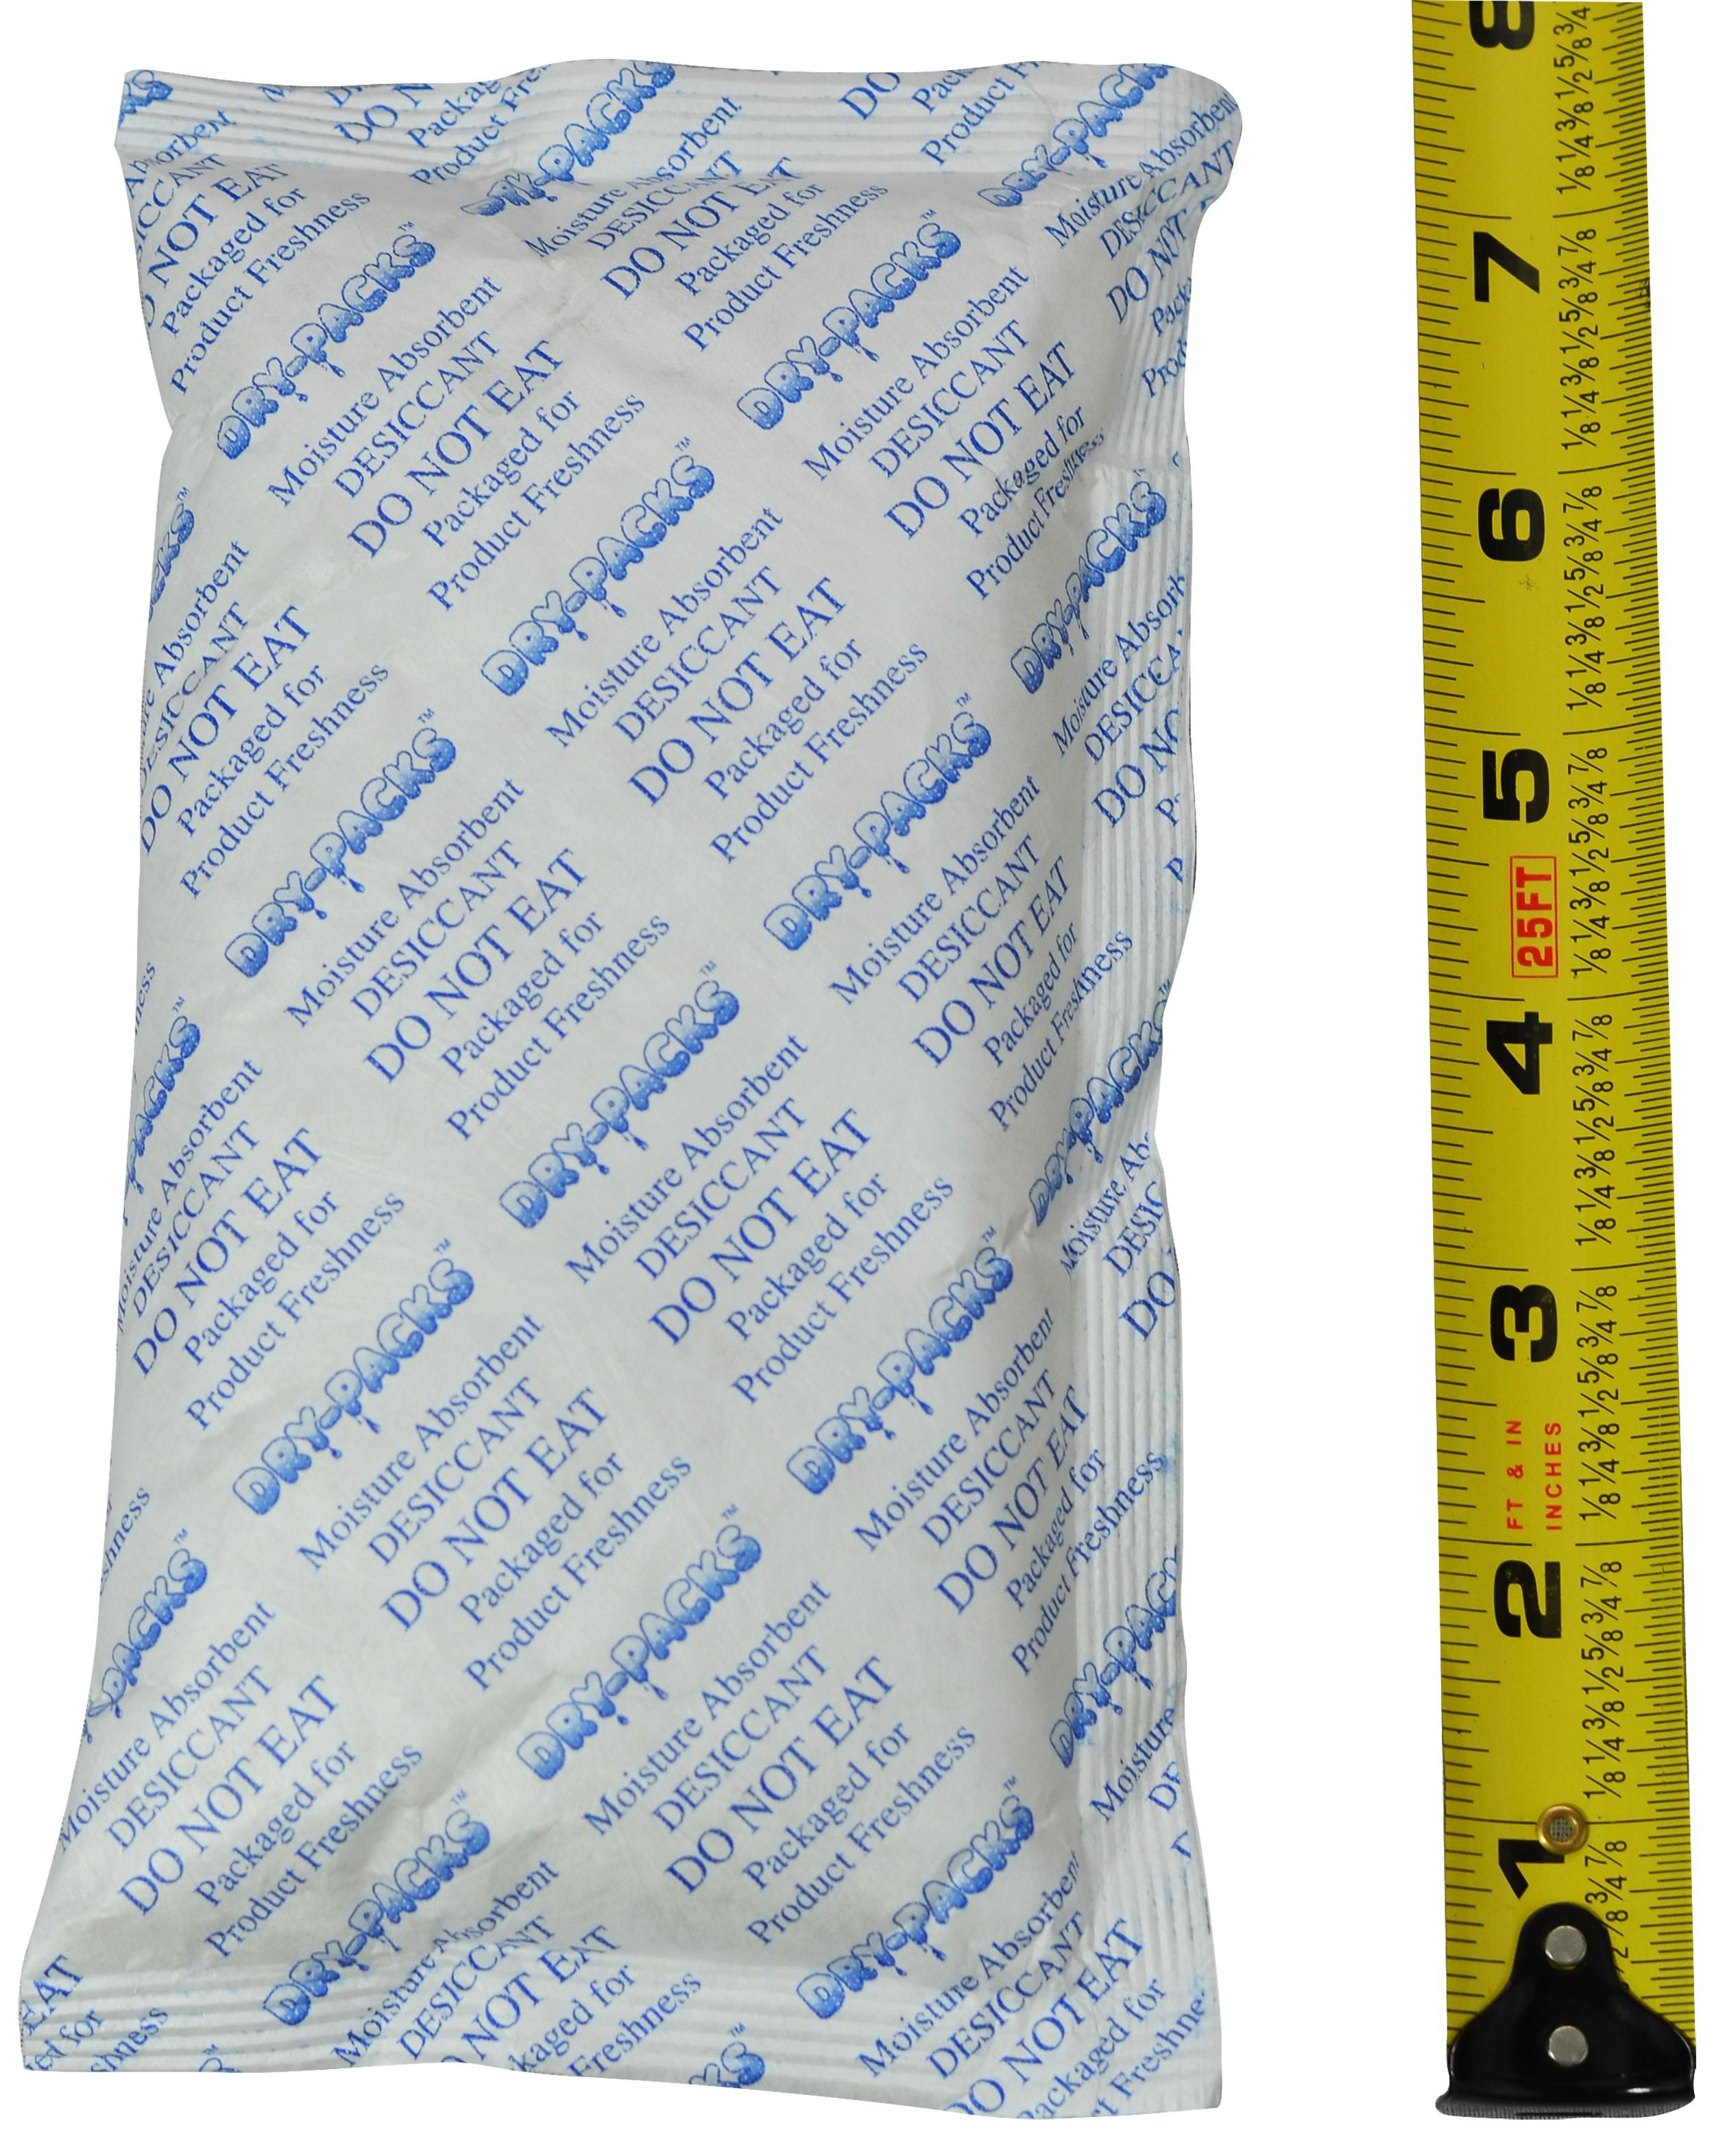 224 Gram (8 Unit) Silica Gel Packet - Tyvek